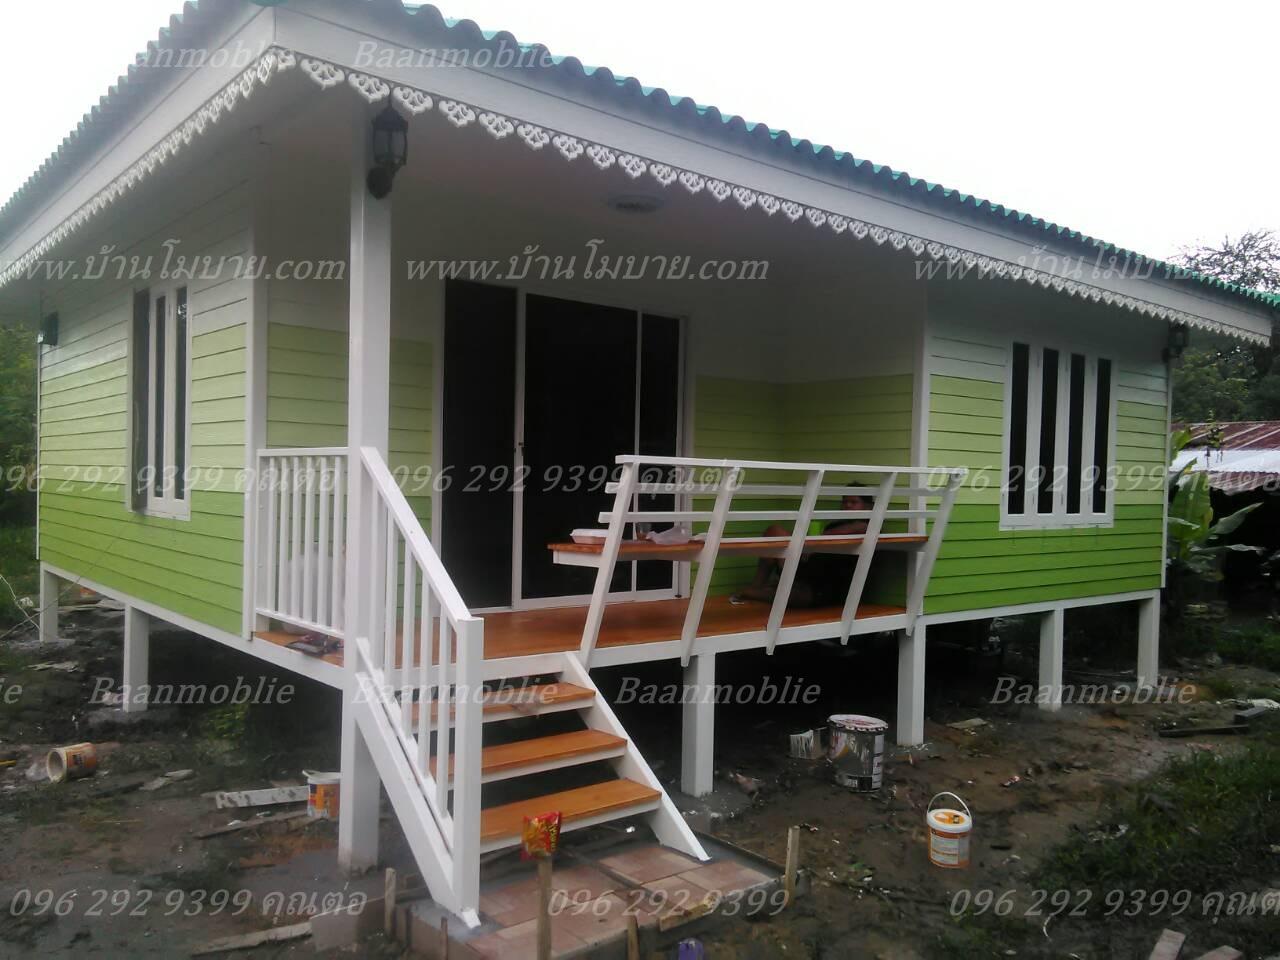 2 ห้องนอน 2 ห้องน้ำ 1 ห้องรับเเขก 1 ห้องครัว 565,000 บาท